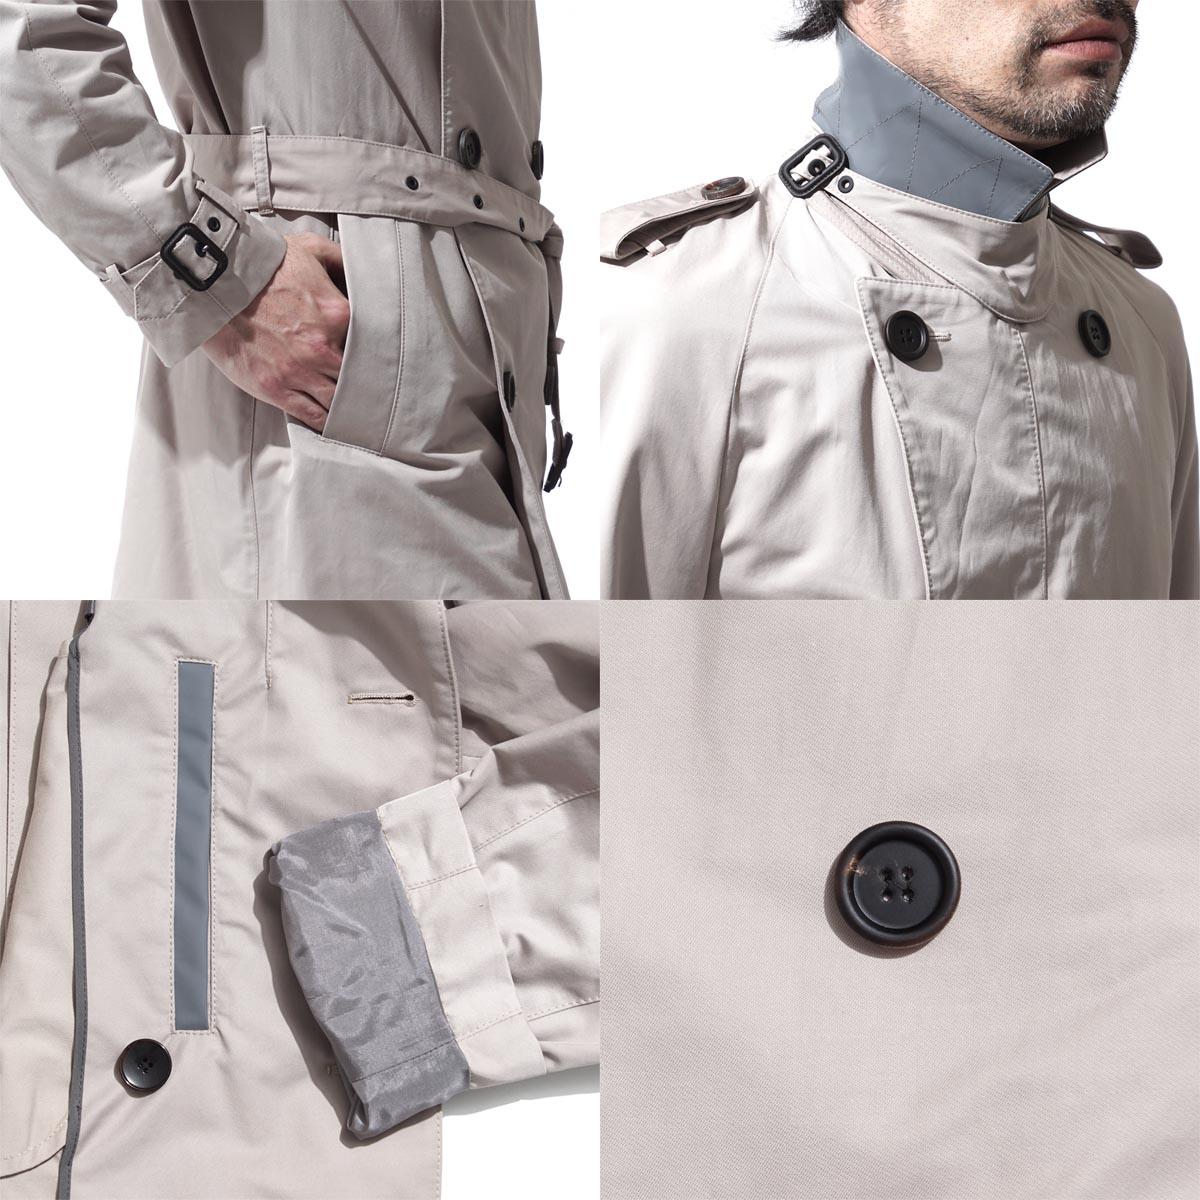 老板Hugo老板BOSS HUGOBOSS双排扣有腰带的短外衣BLACK黑色DAN3 dan 2474人